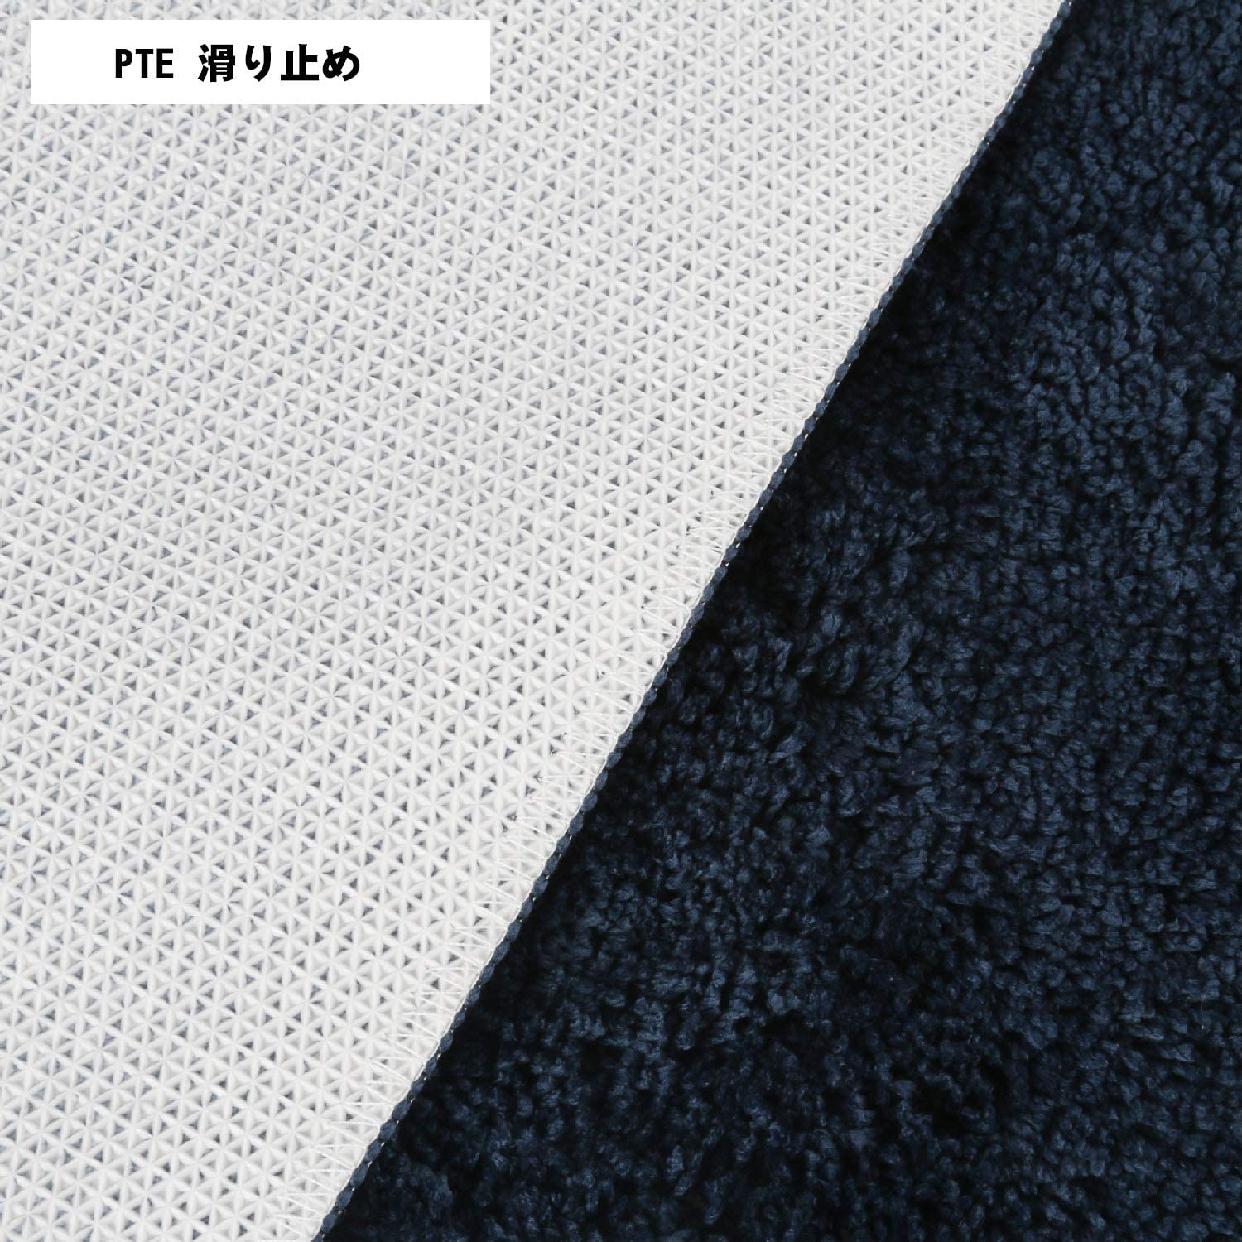 Tomameri(トマメリ)バスマットの商品画像5